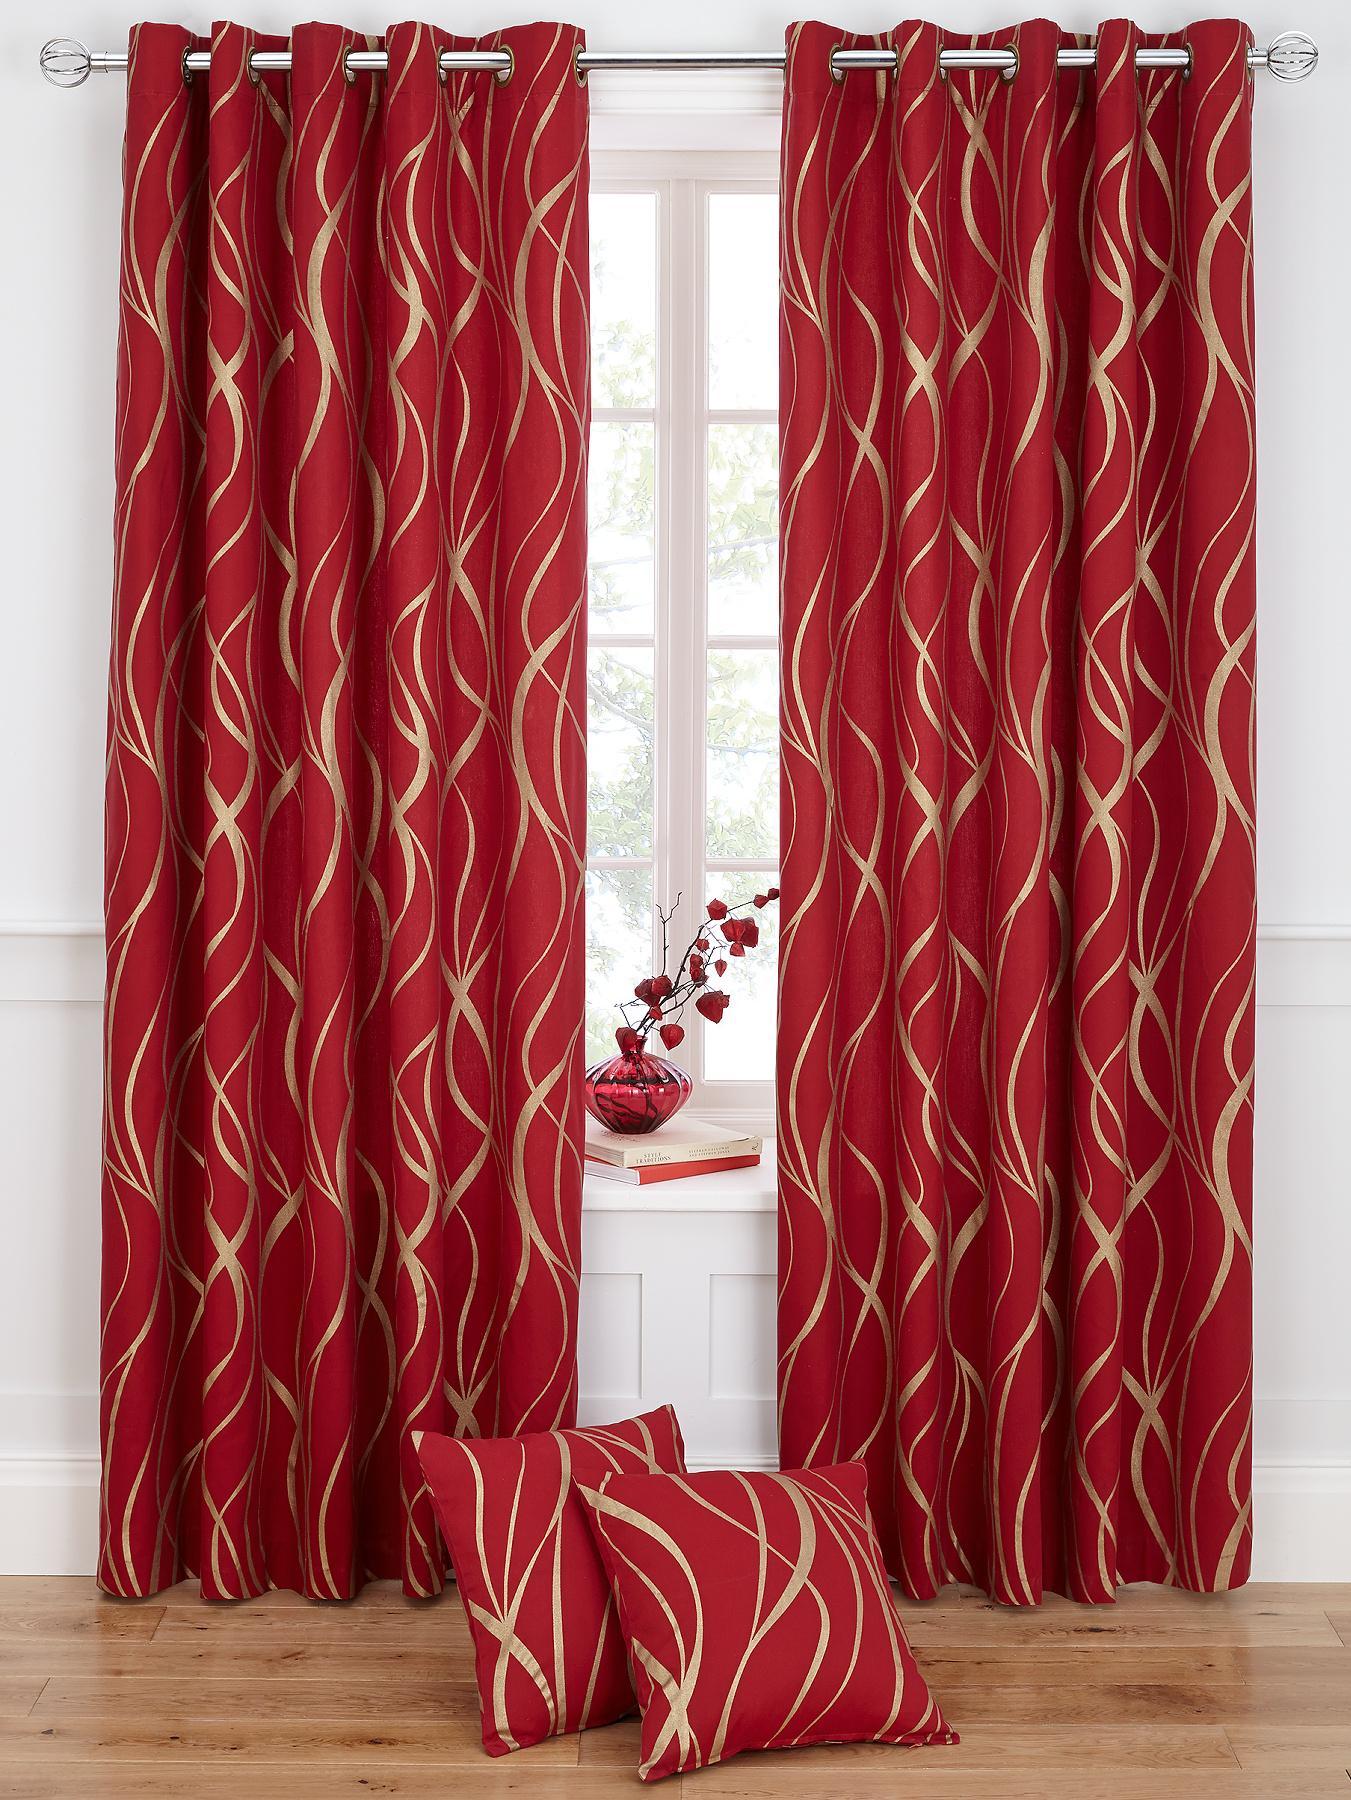 Metallic Swirl Printed Eyelet Curtains